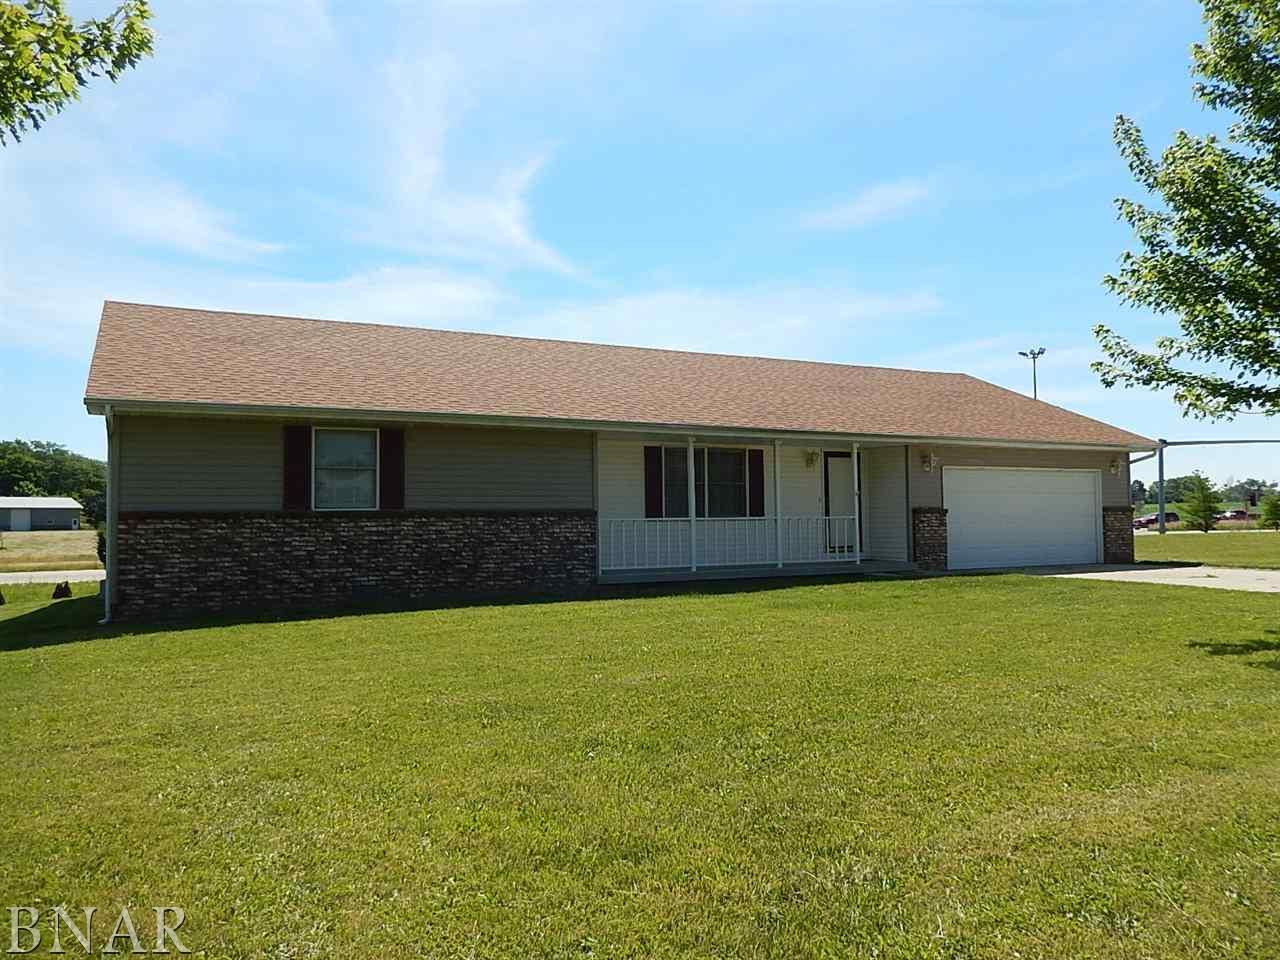 Photo of 7062 Richland Drive  Clinton  IL